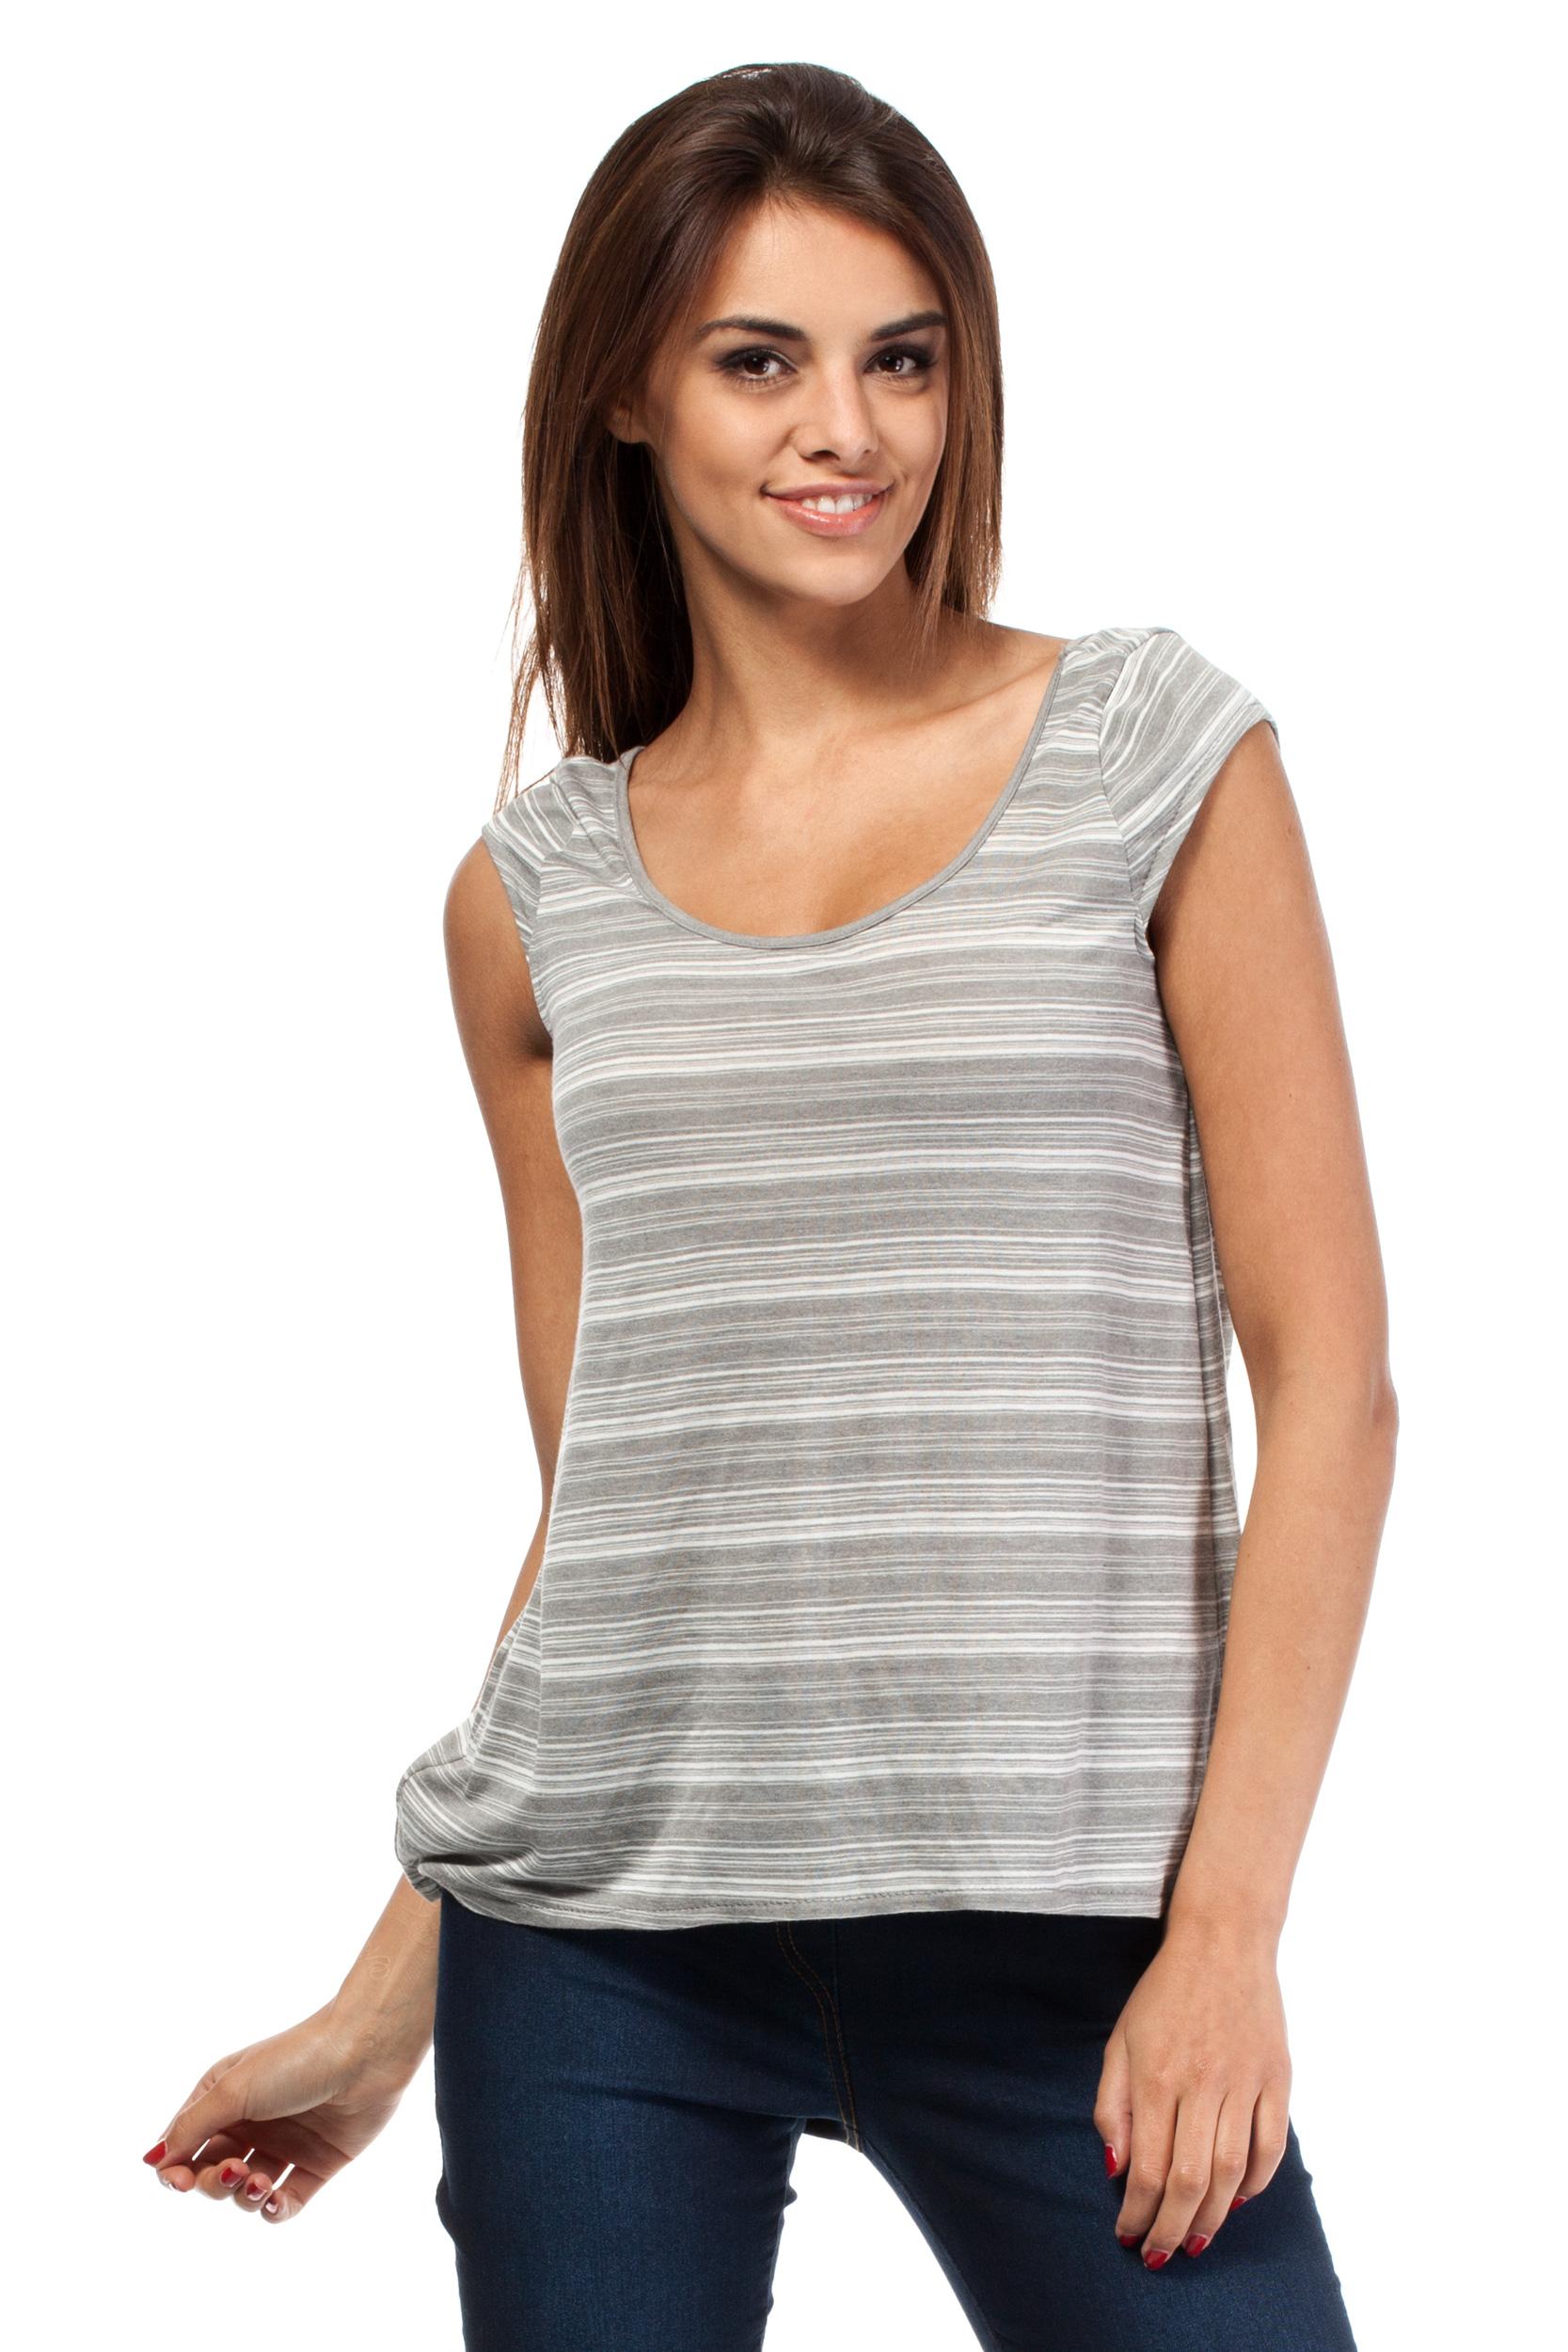 CM0785 Zwiewna bluzka damska z głębokim dekoltem z tyłu - szara OUTLET